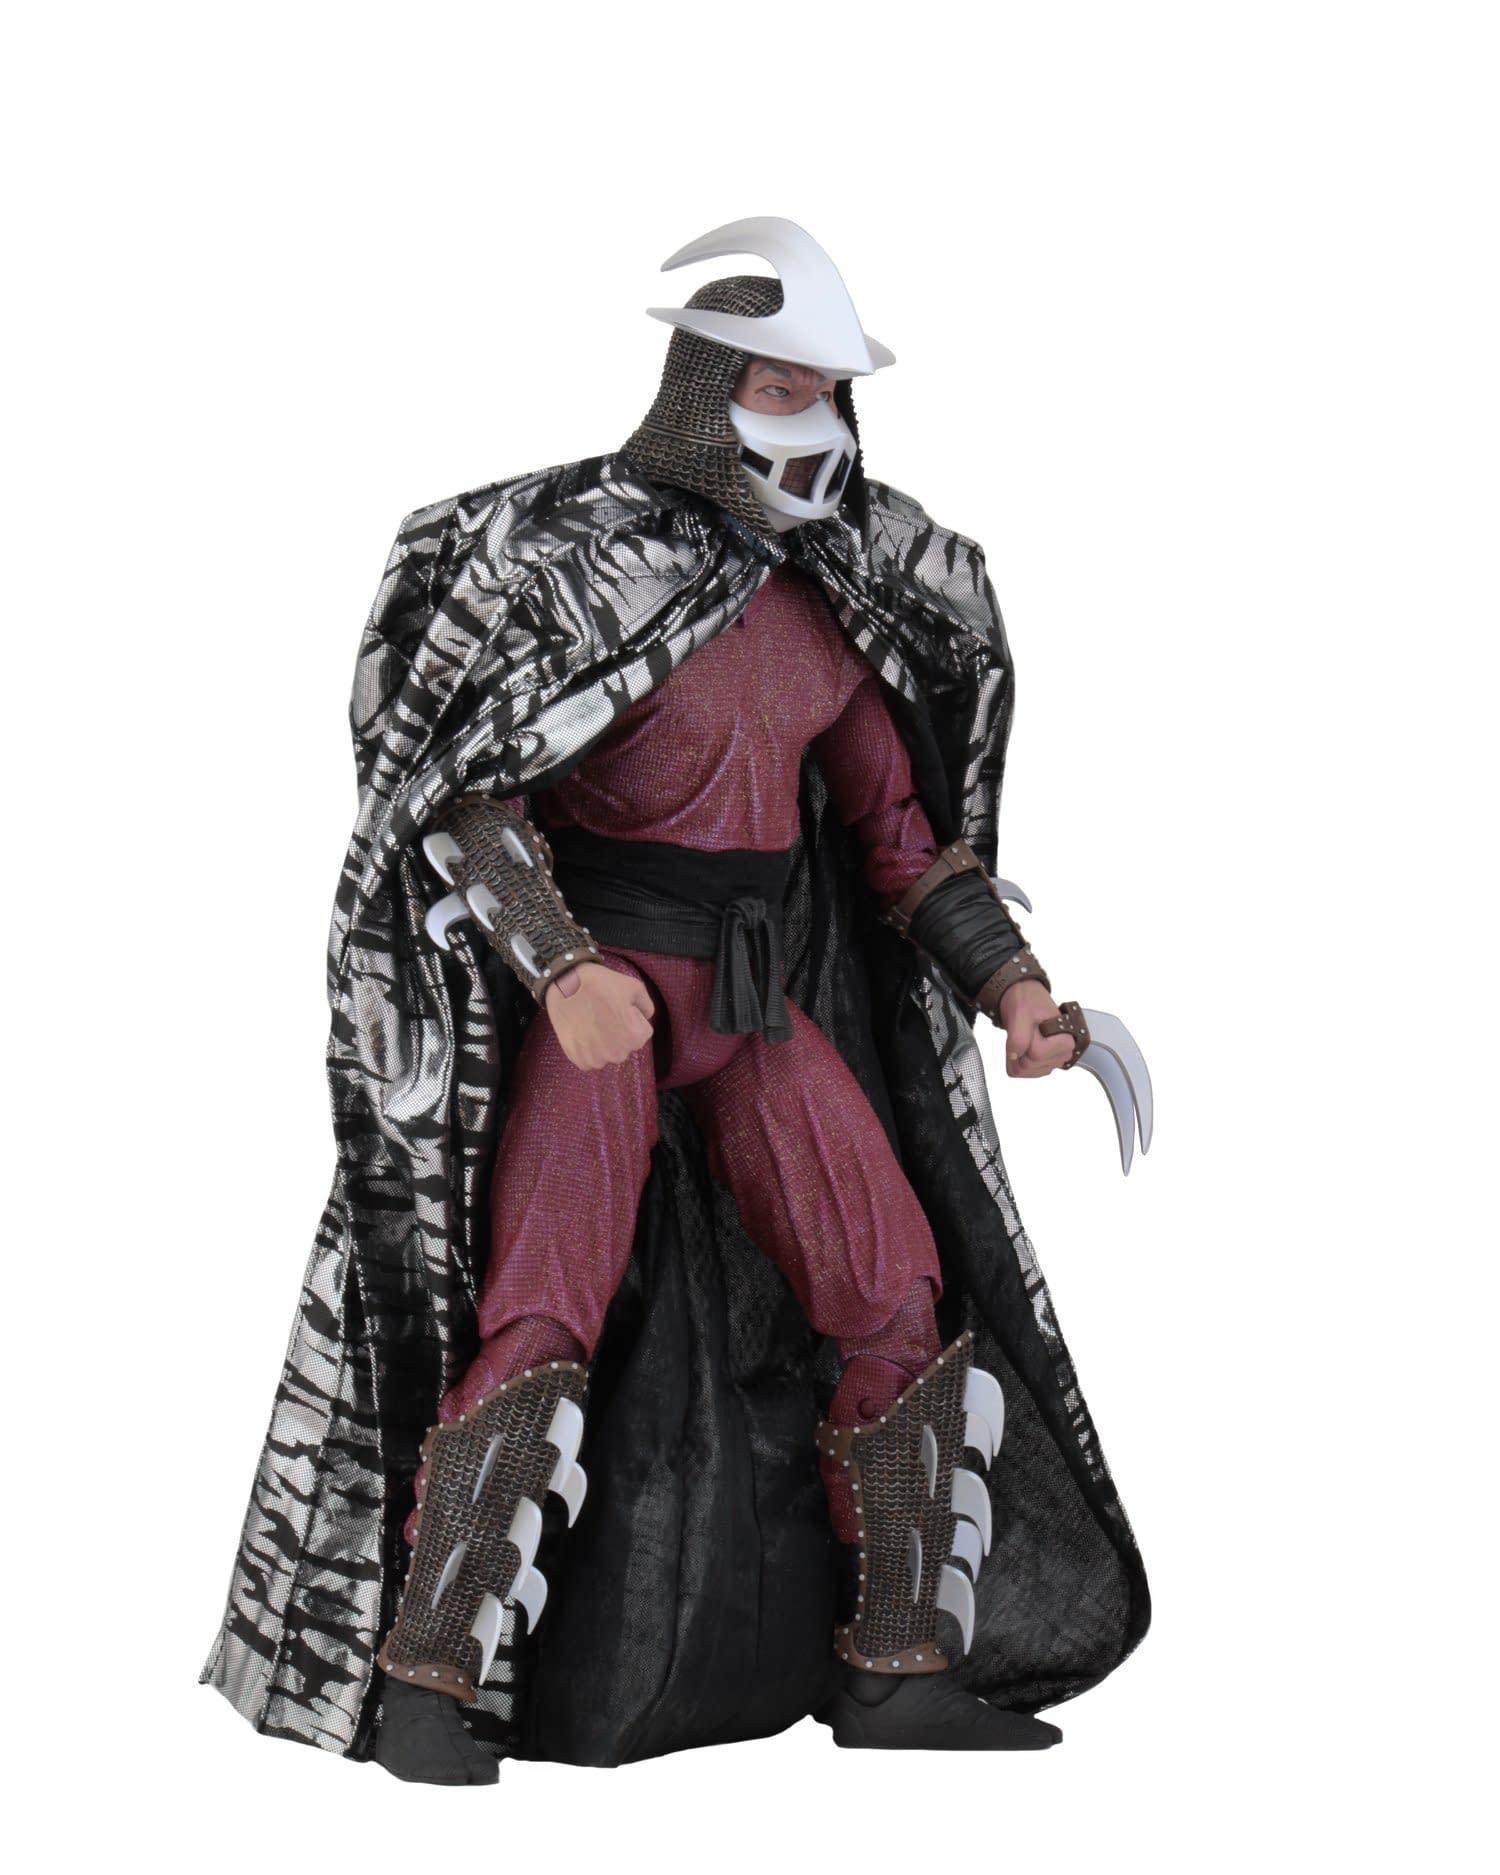 NECA TMNT Movie Shredder 2